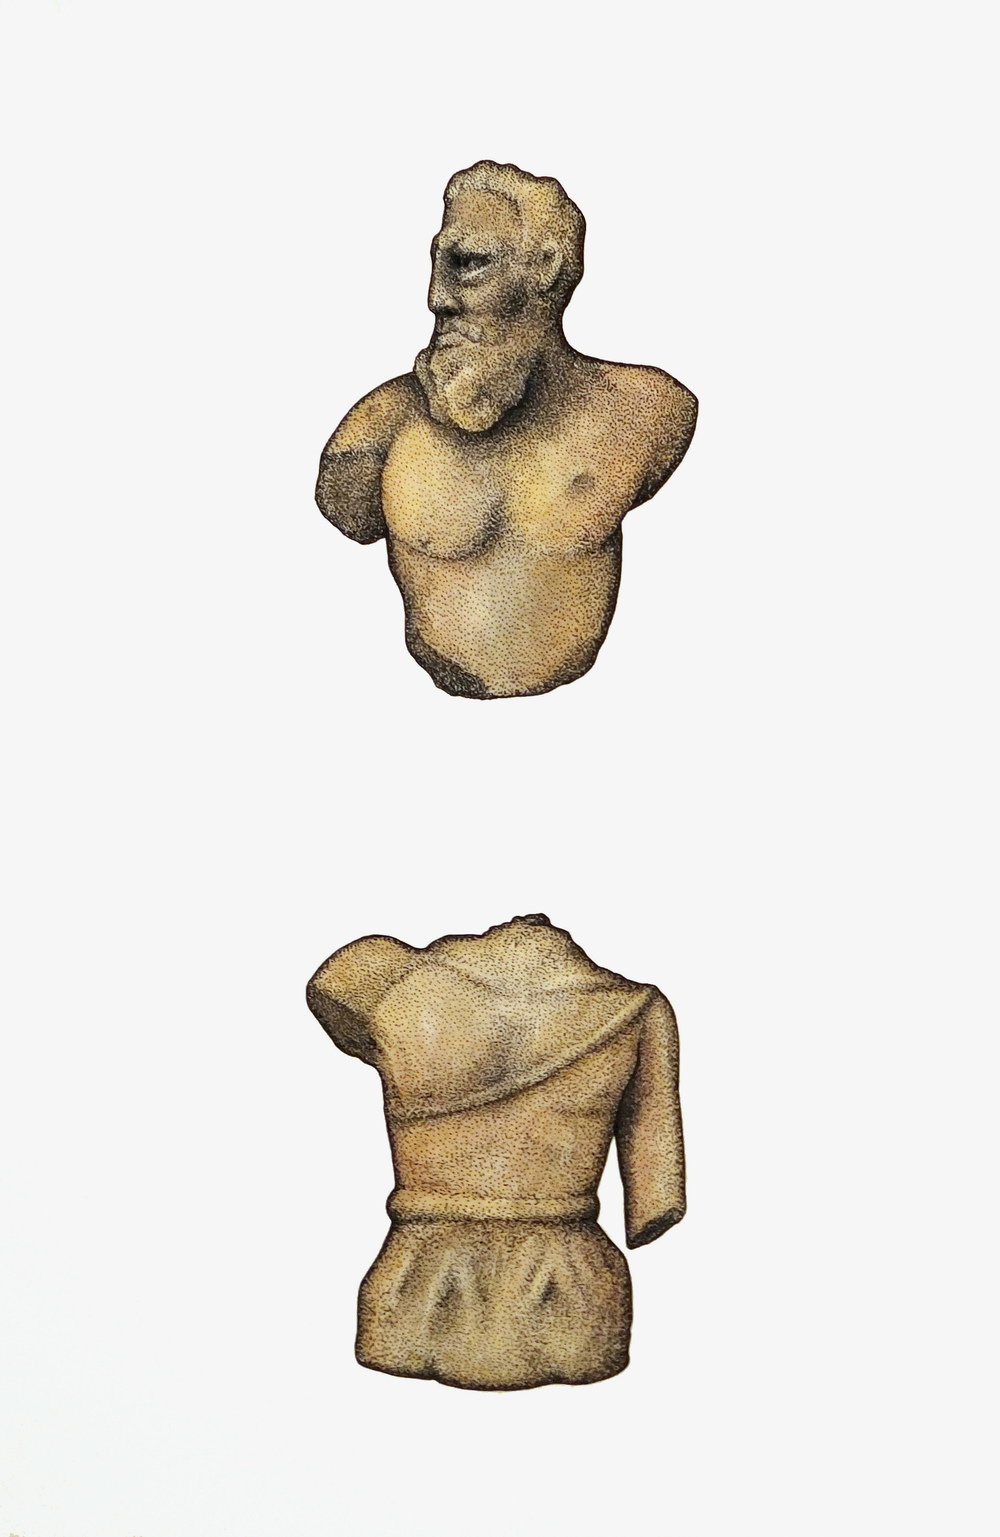 'Ceramic Figures'